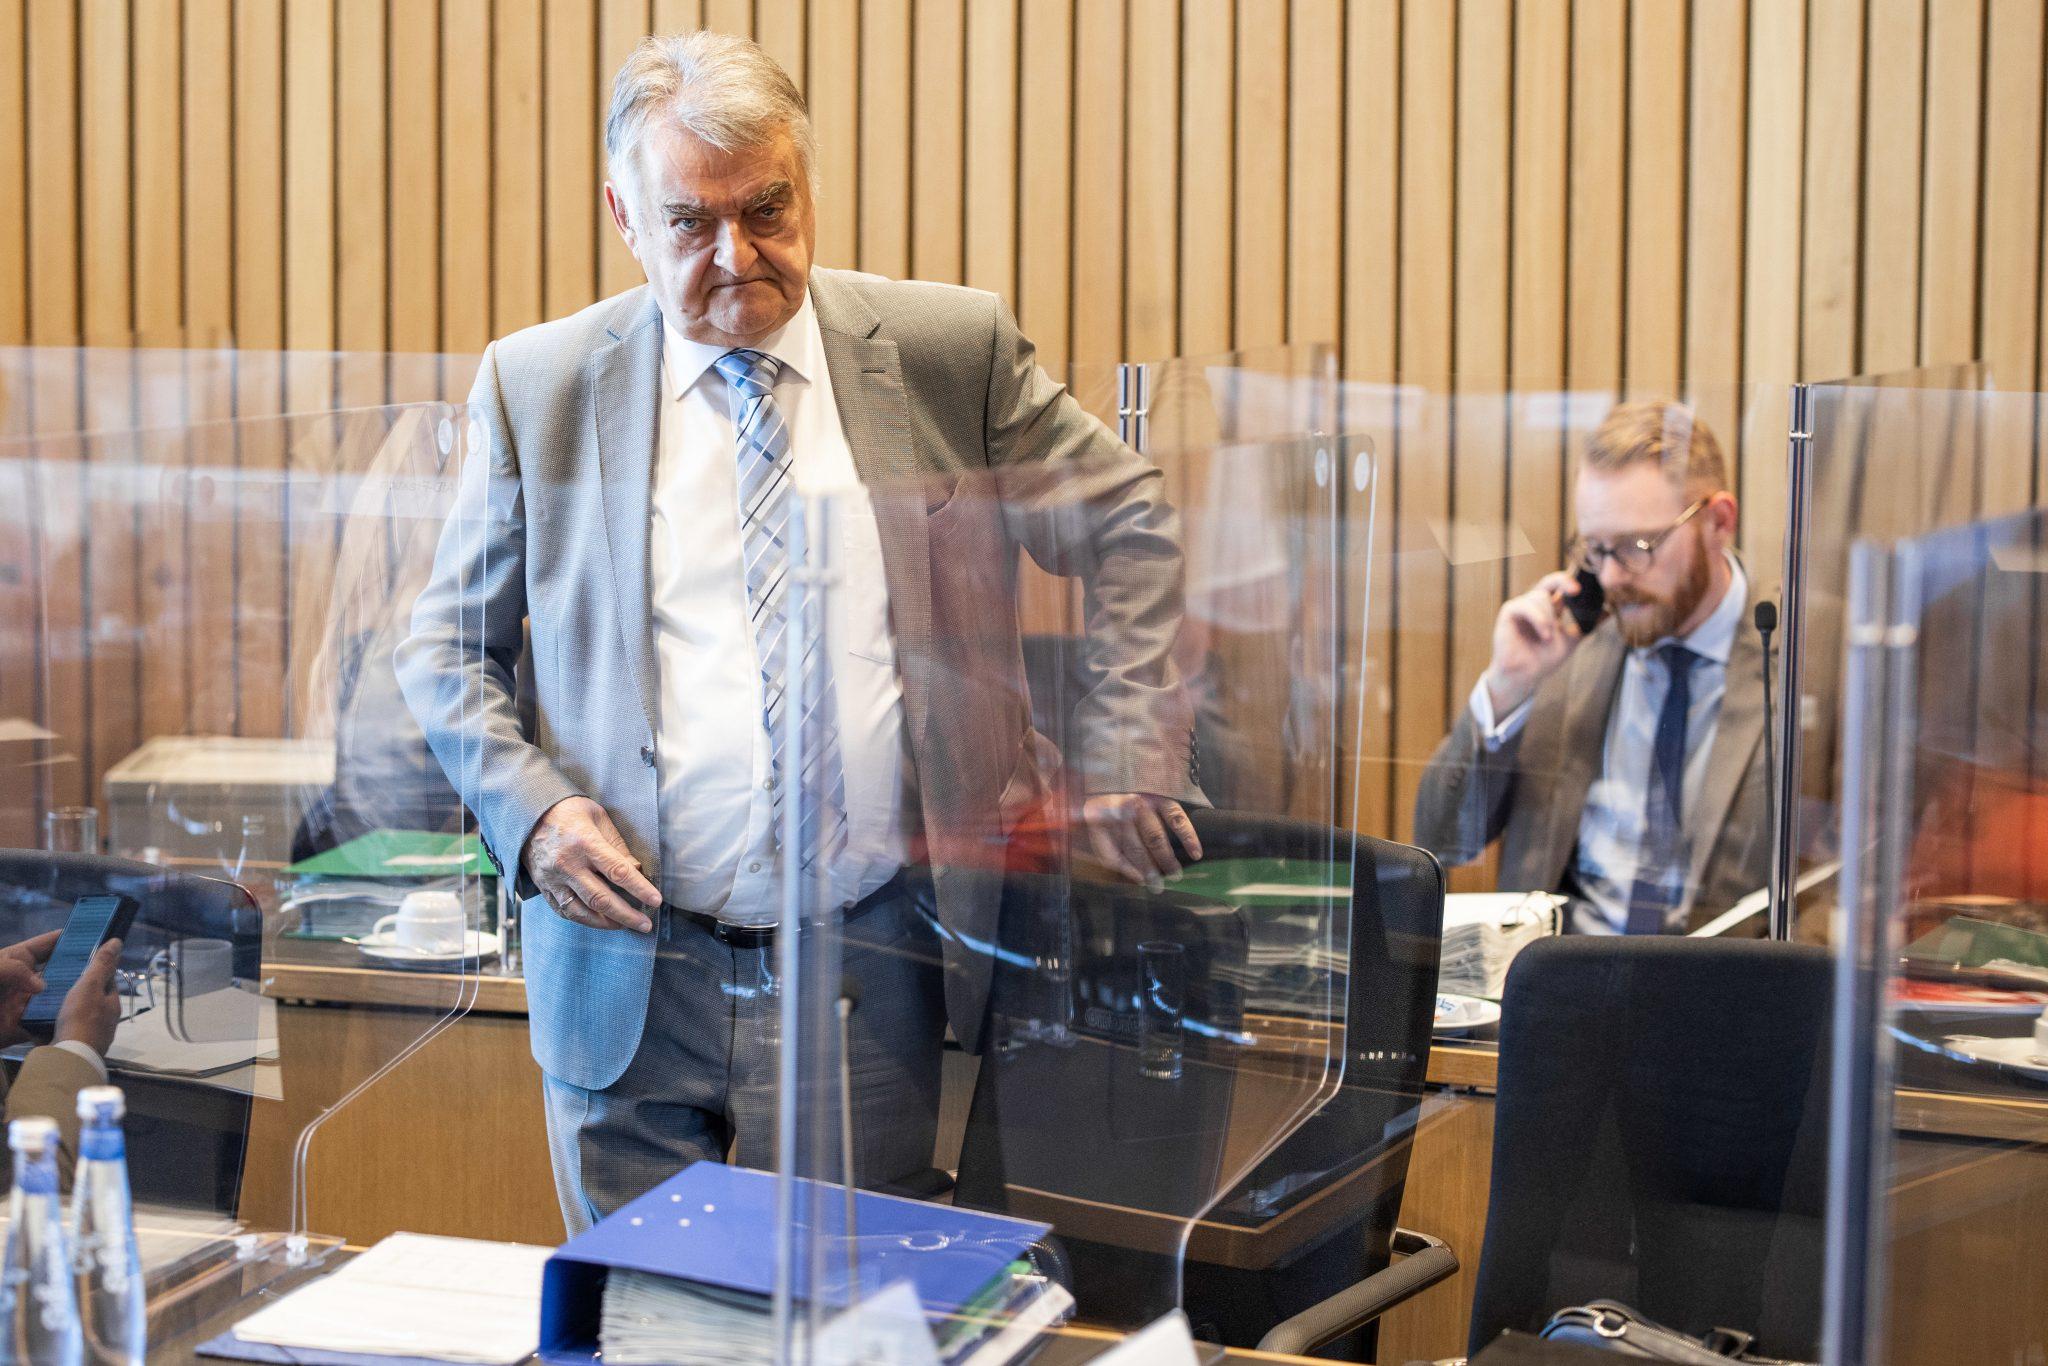 Nordrhein-Westfalens Innenminister Herbert Reul (CDU) nimmt die Polizisten in Schutz Foto: picture alliance/Marcel Kusch/dpa